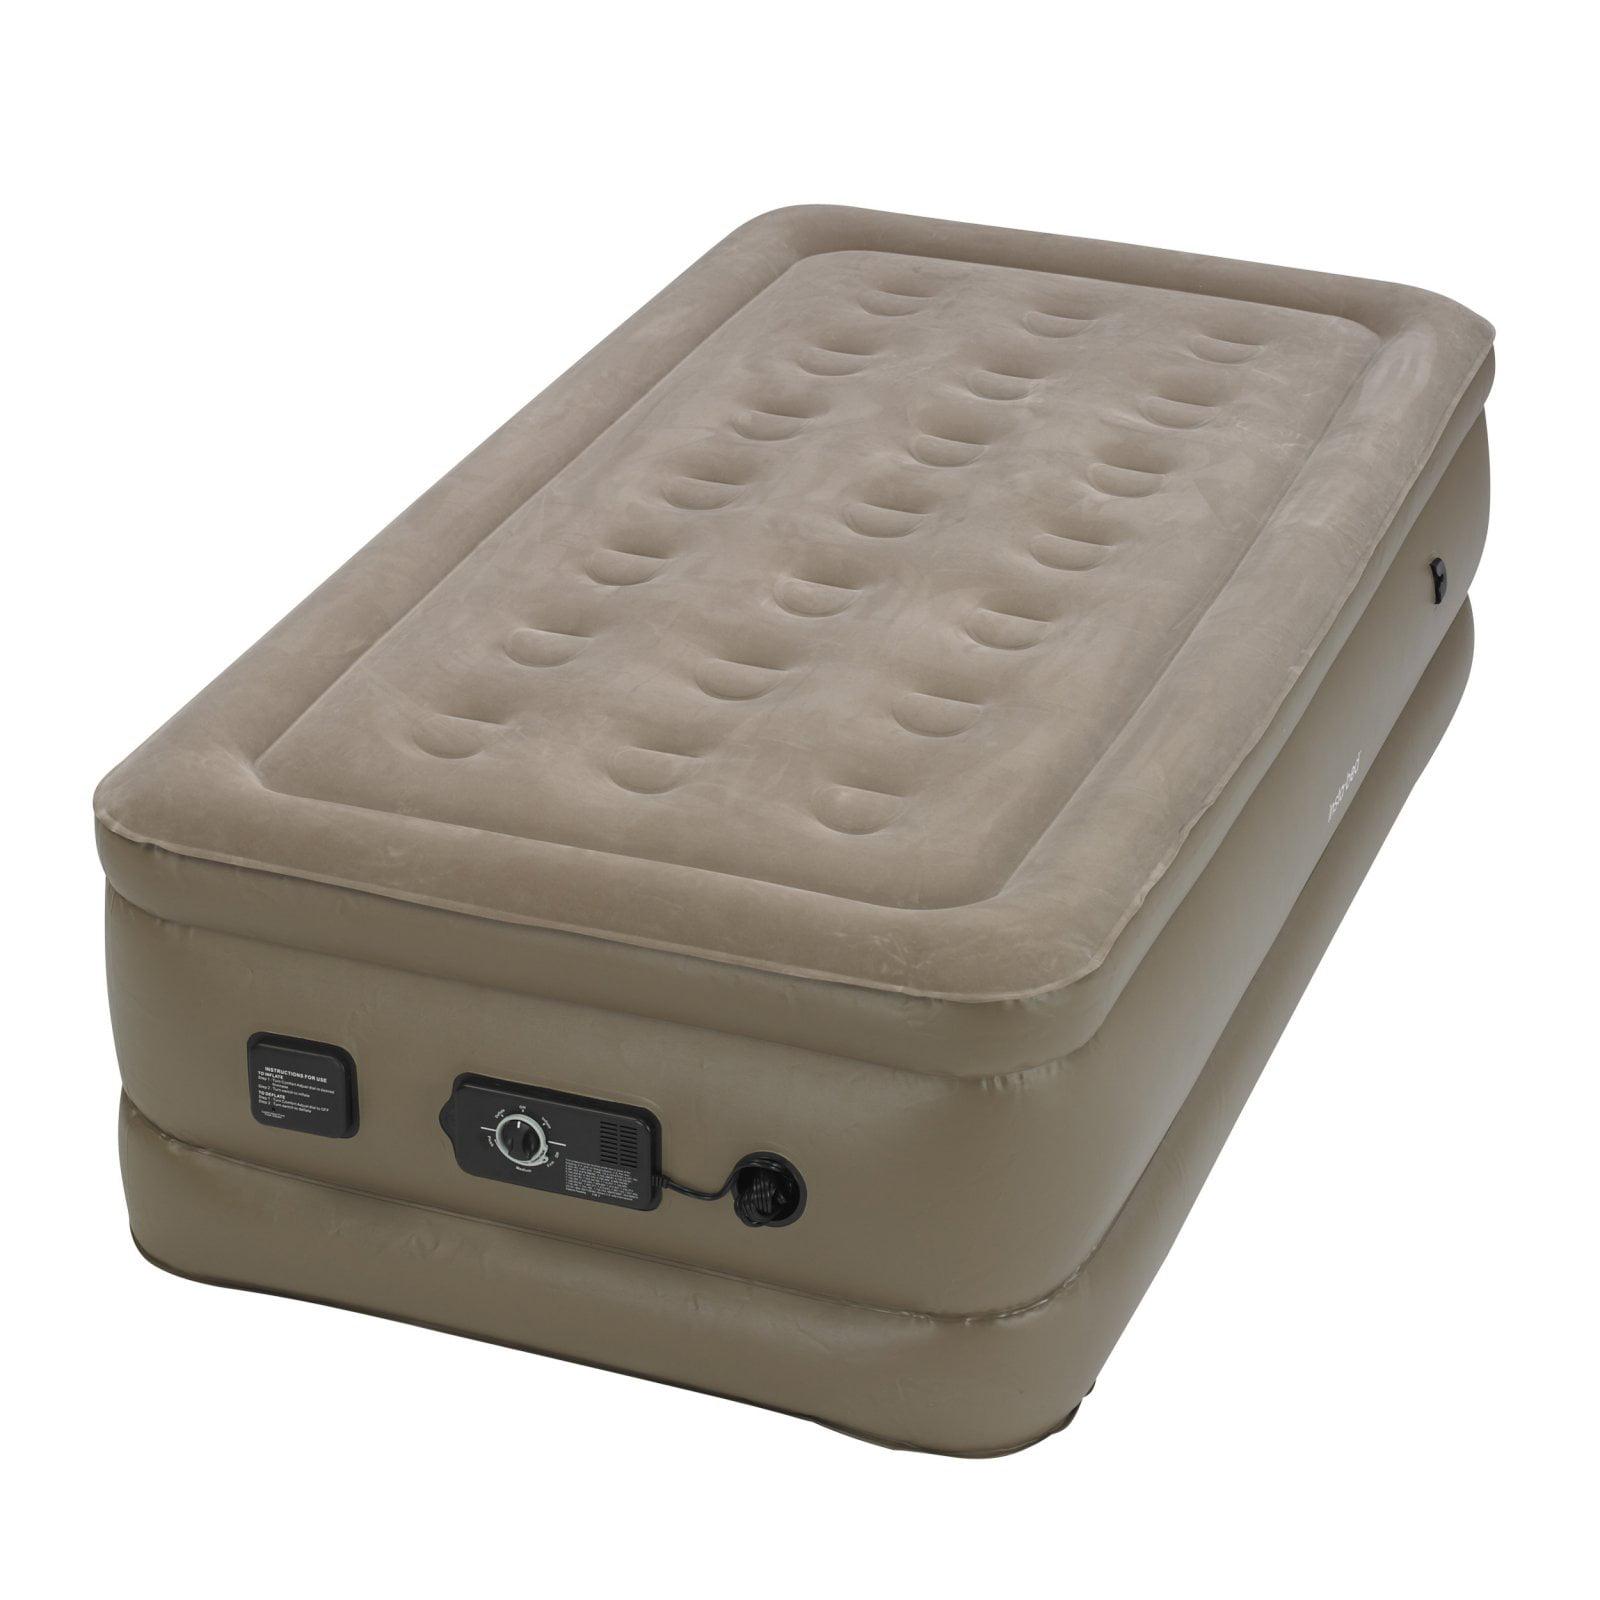 raised walmart intex pillow com mattress ip queen airbed rest air